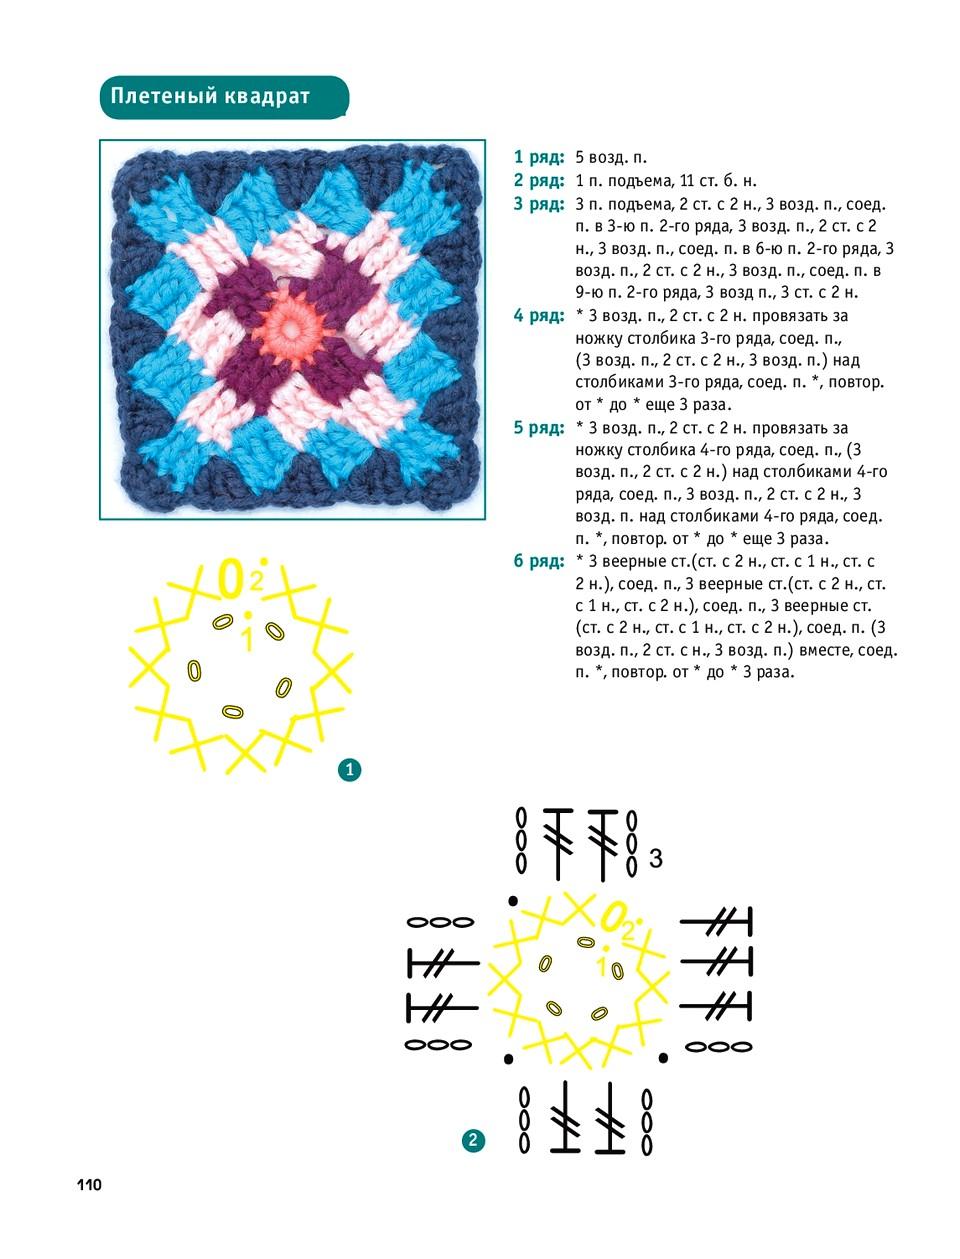 bibliya-vyazaniya-kruchkom-i-spicam-111